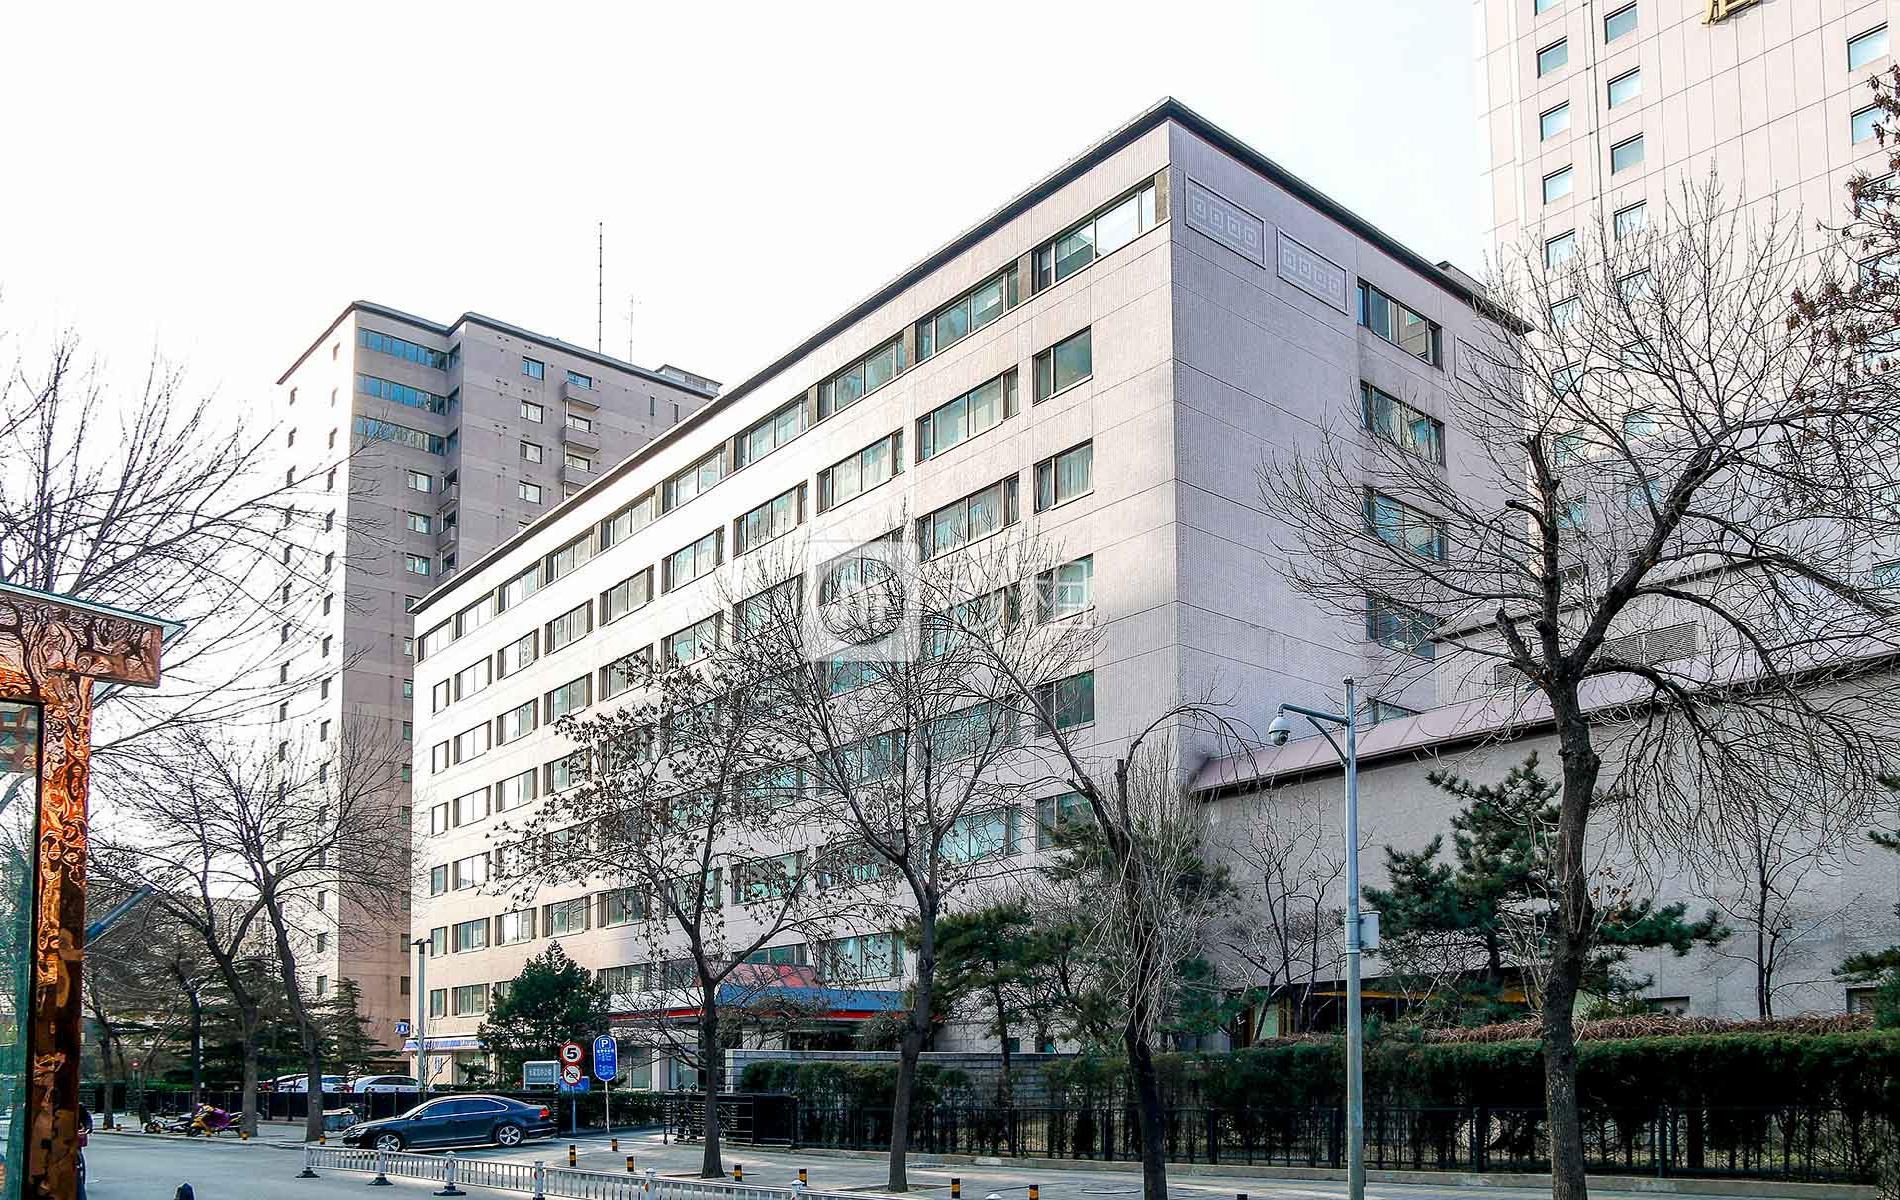 长富宫办公楼写字楼出租/招租/租赁,长富宫办公楼办公室出租/招租/租赁